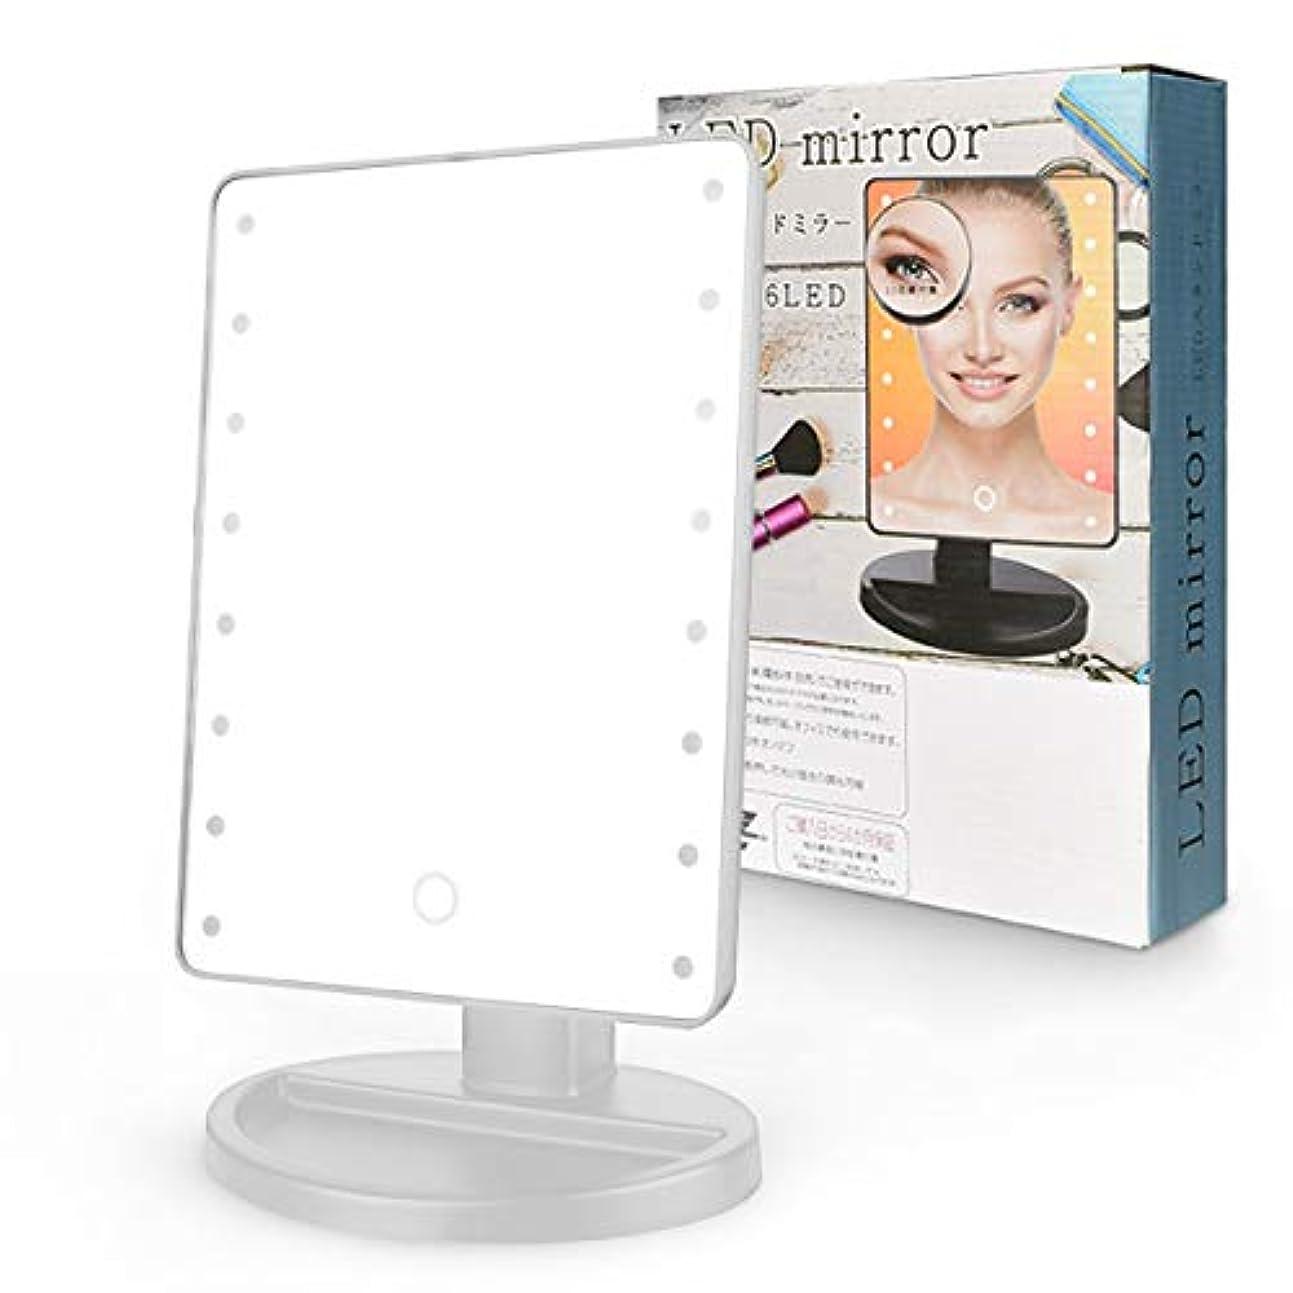 警告飲料化合物ZAZ LEDミラー 16LED 女優ミラー 10倍鏡 USBケーブル付属 角度調整可能 カラー:シルバー